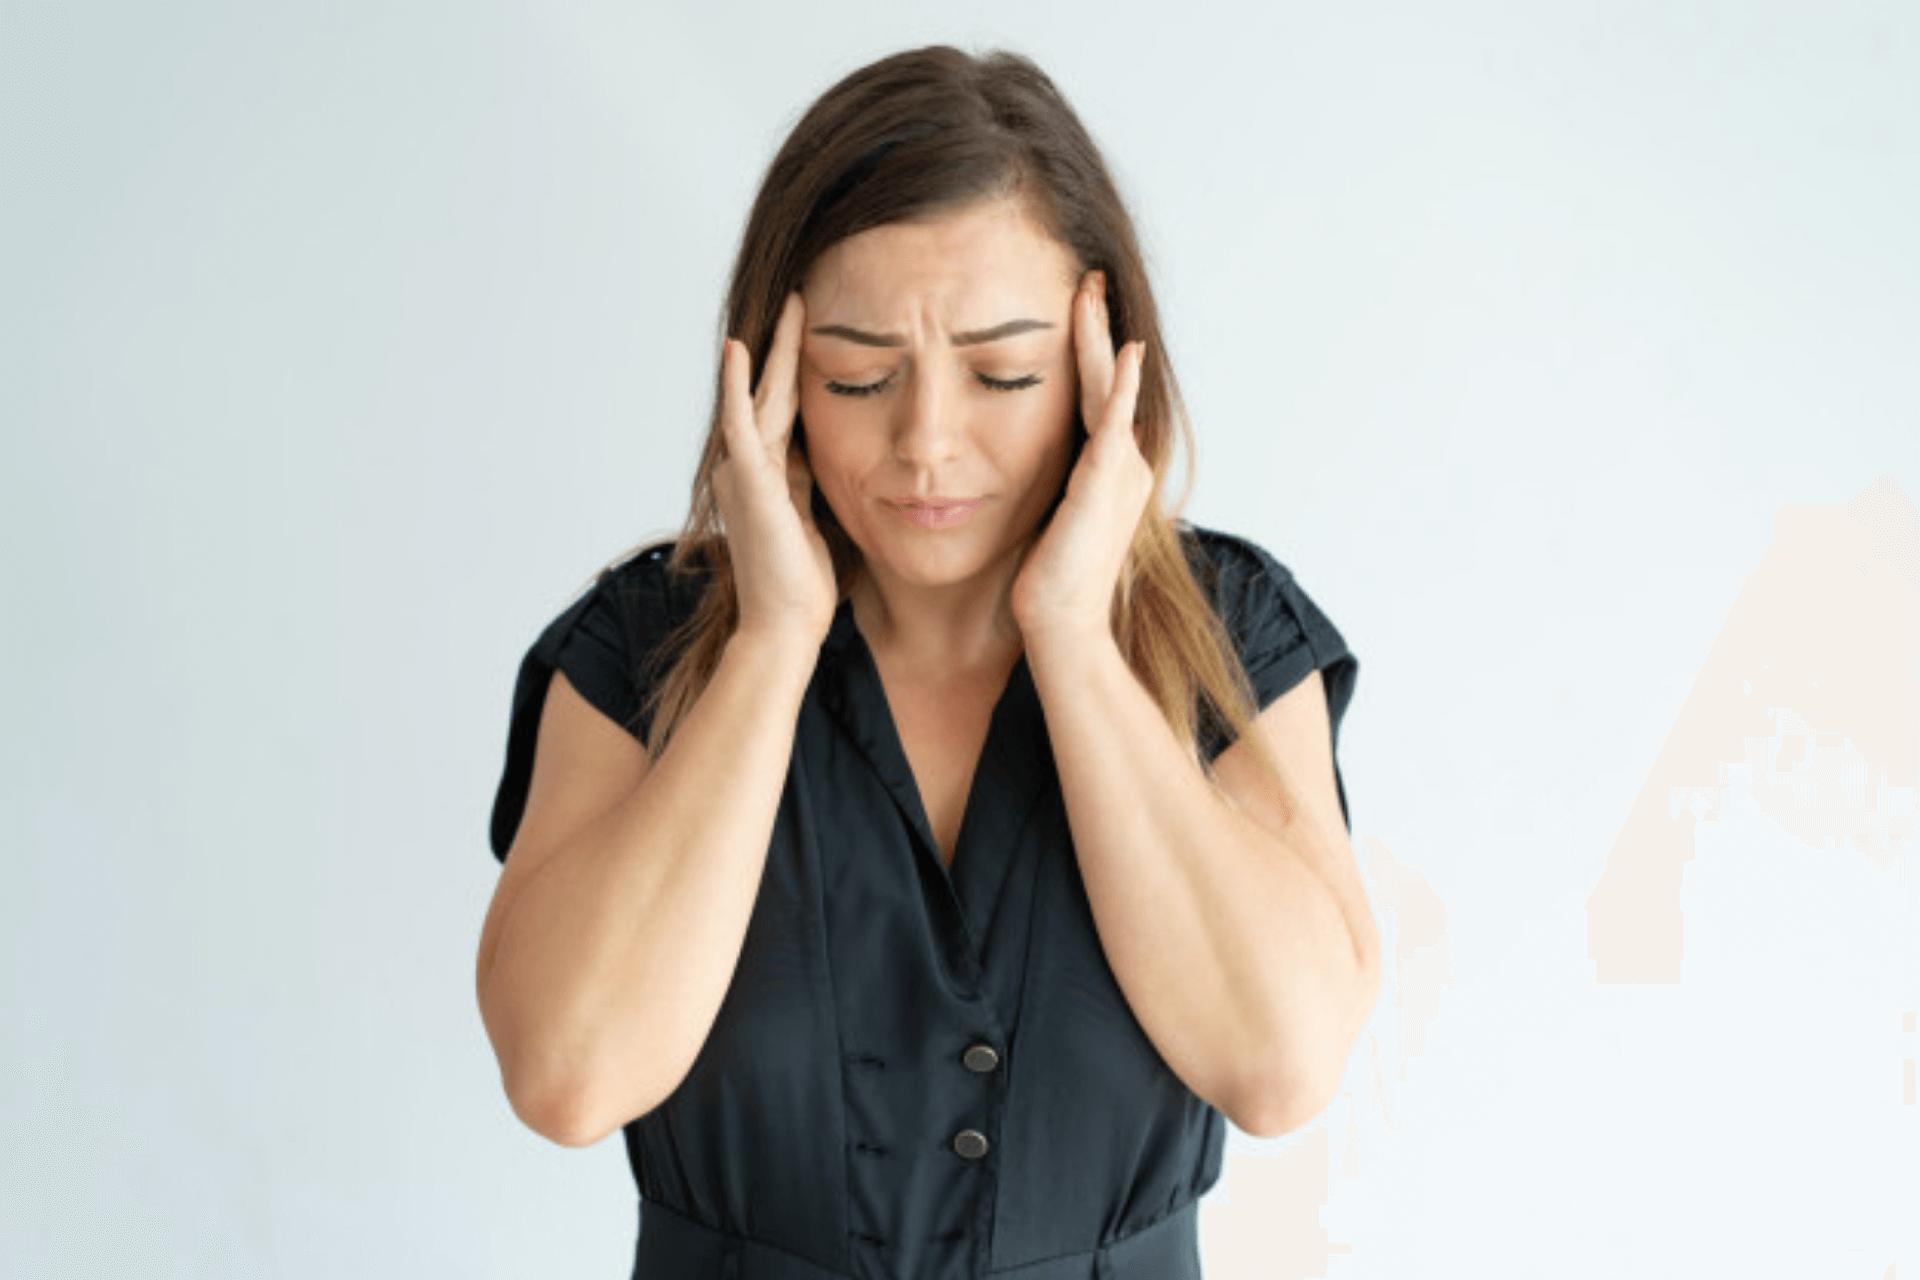 8 Passos Para Combater O Estresse E Melhorar Seu Estilo De Vida